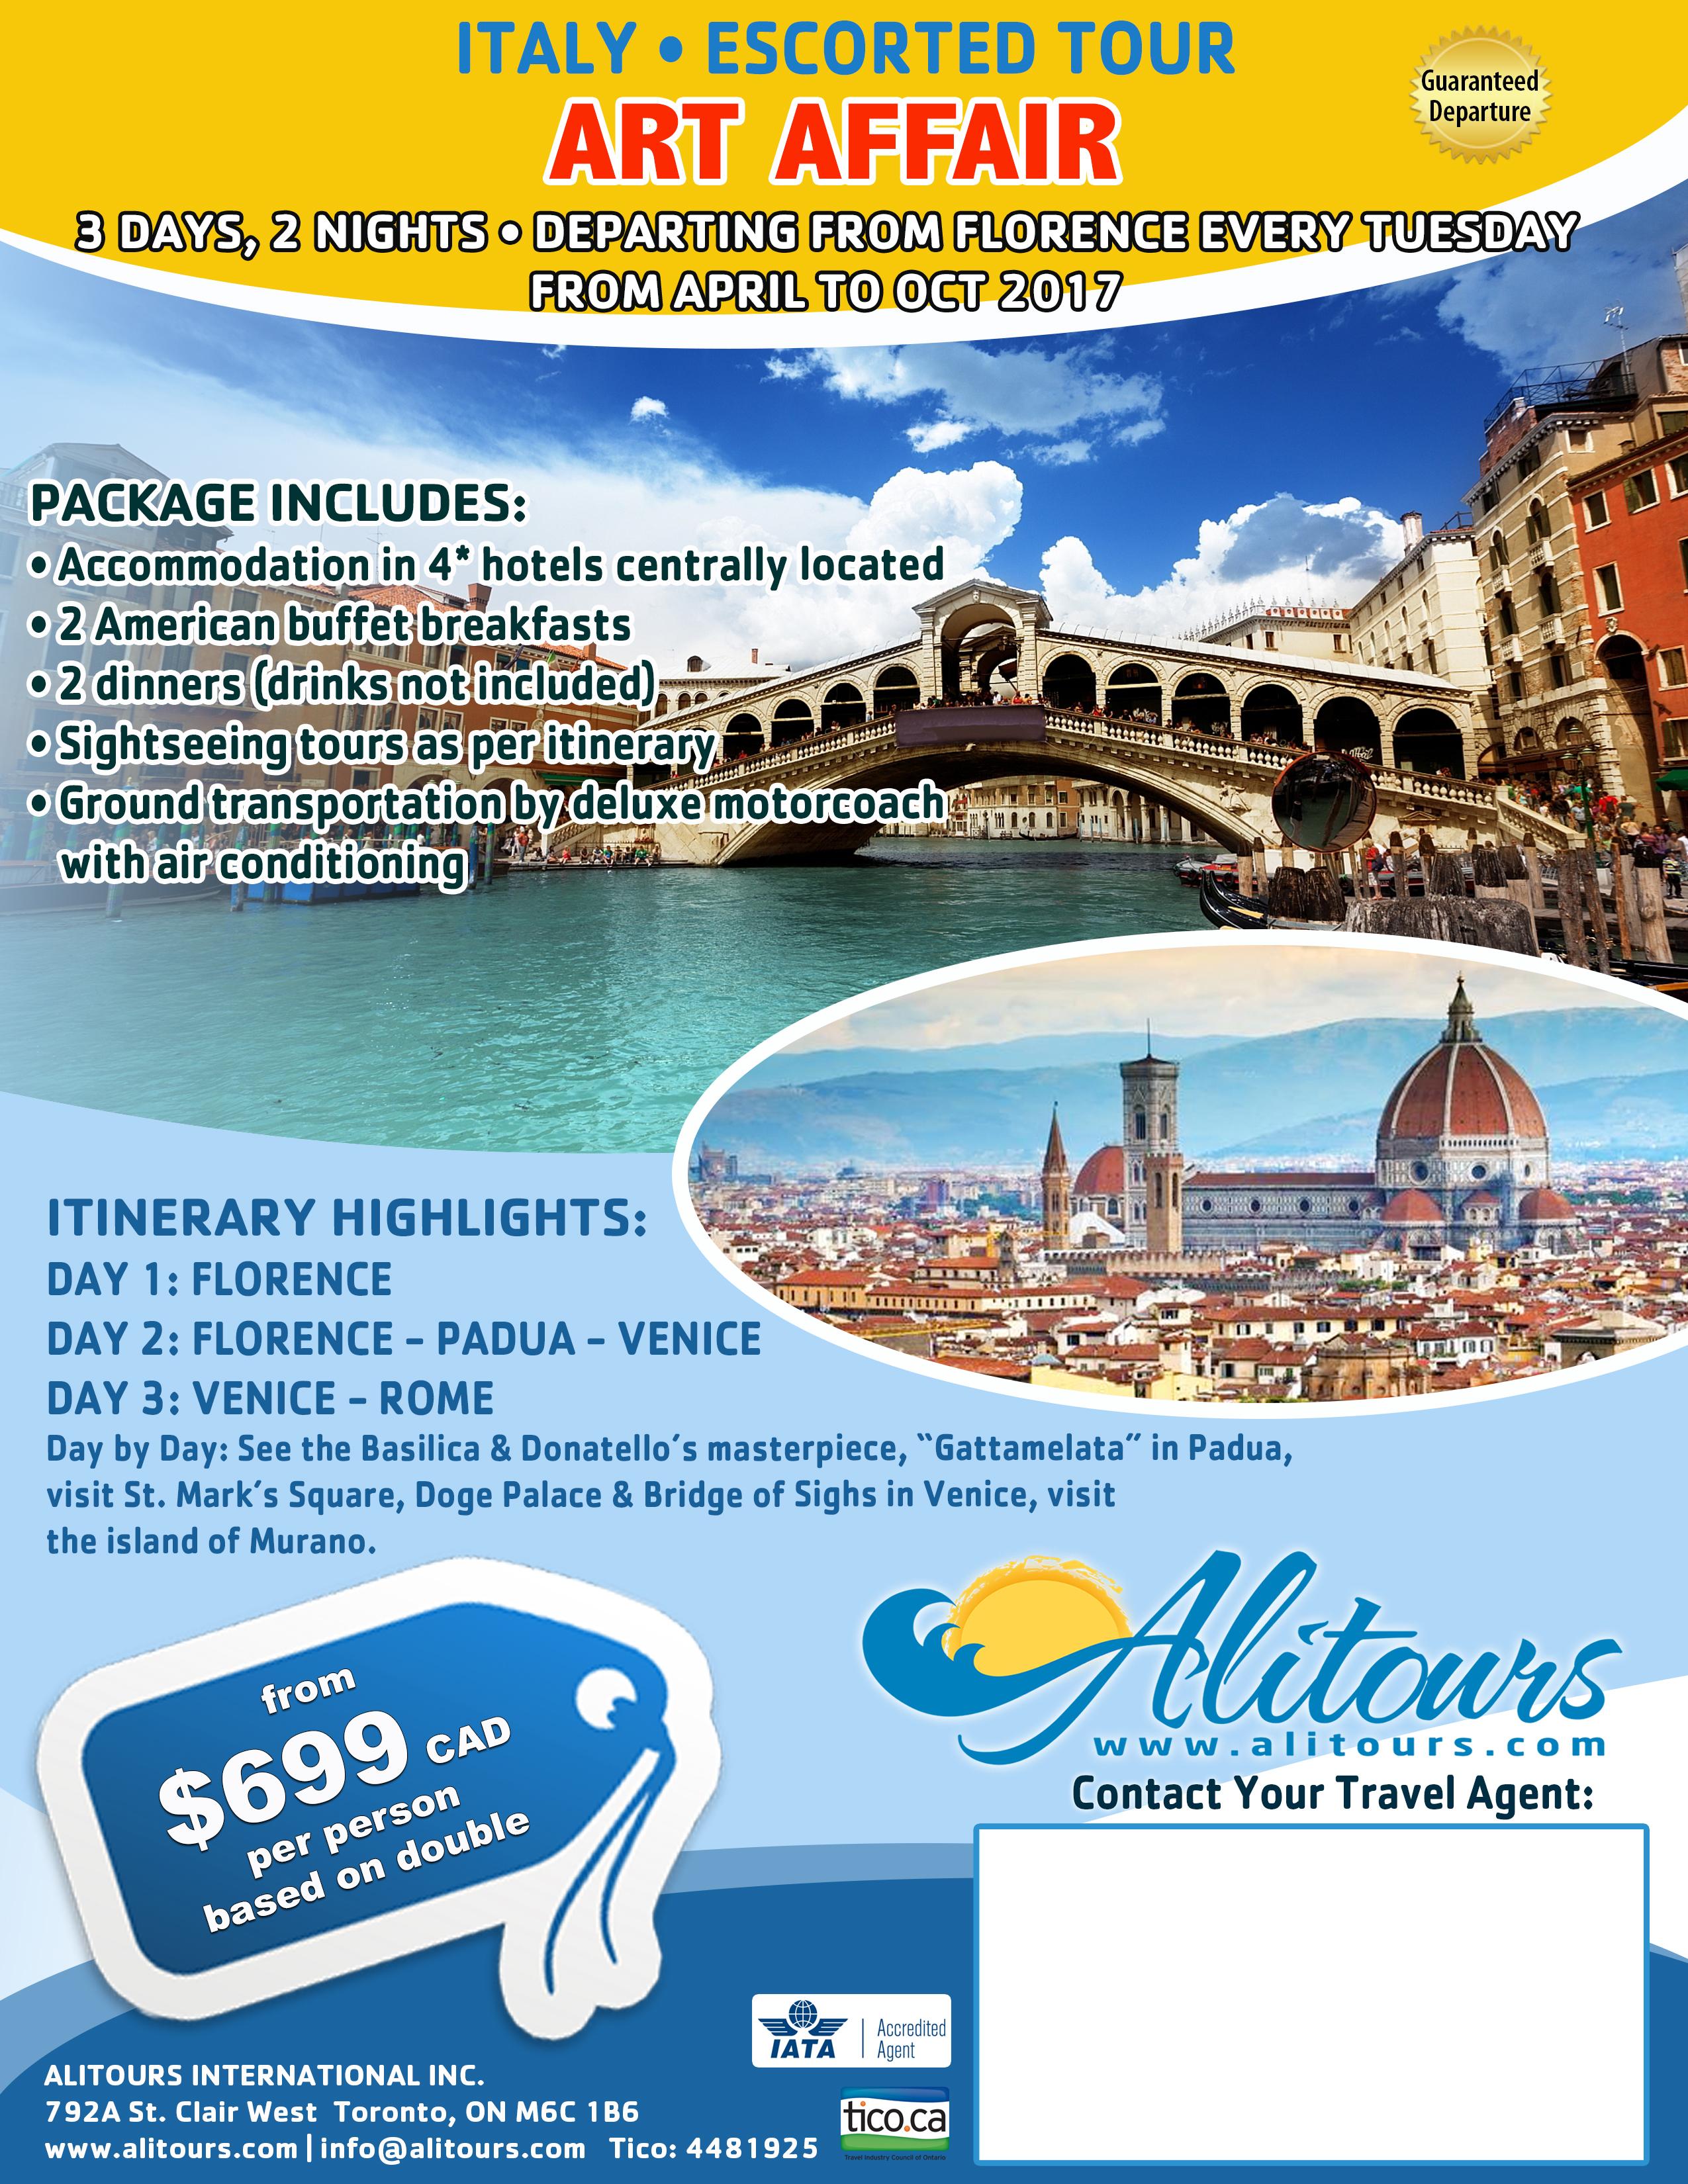 Art Affair Tour Italy